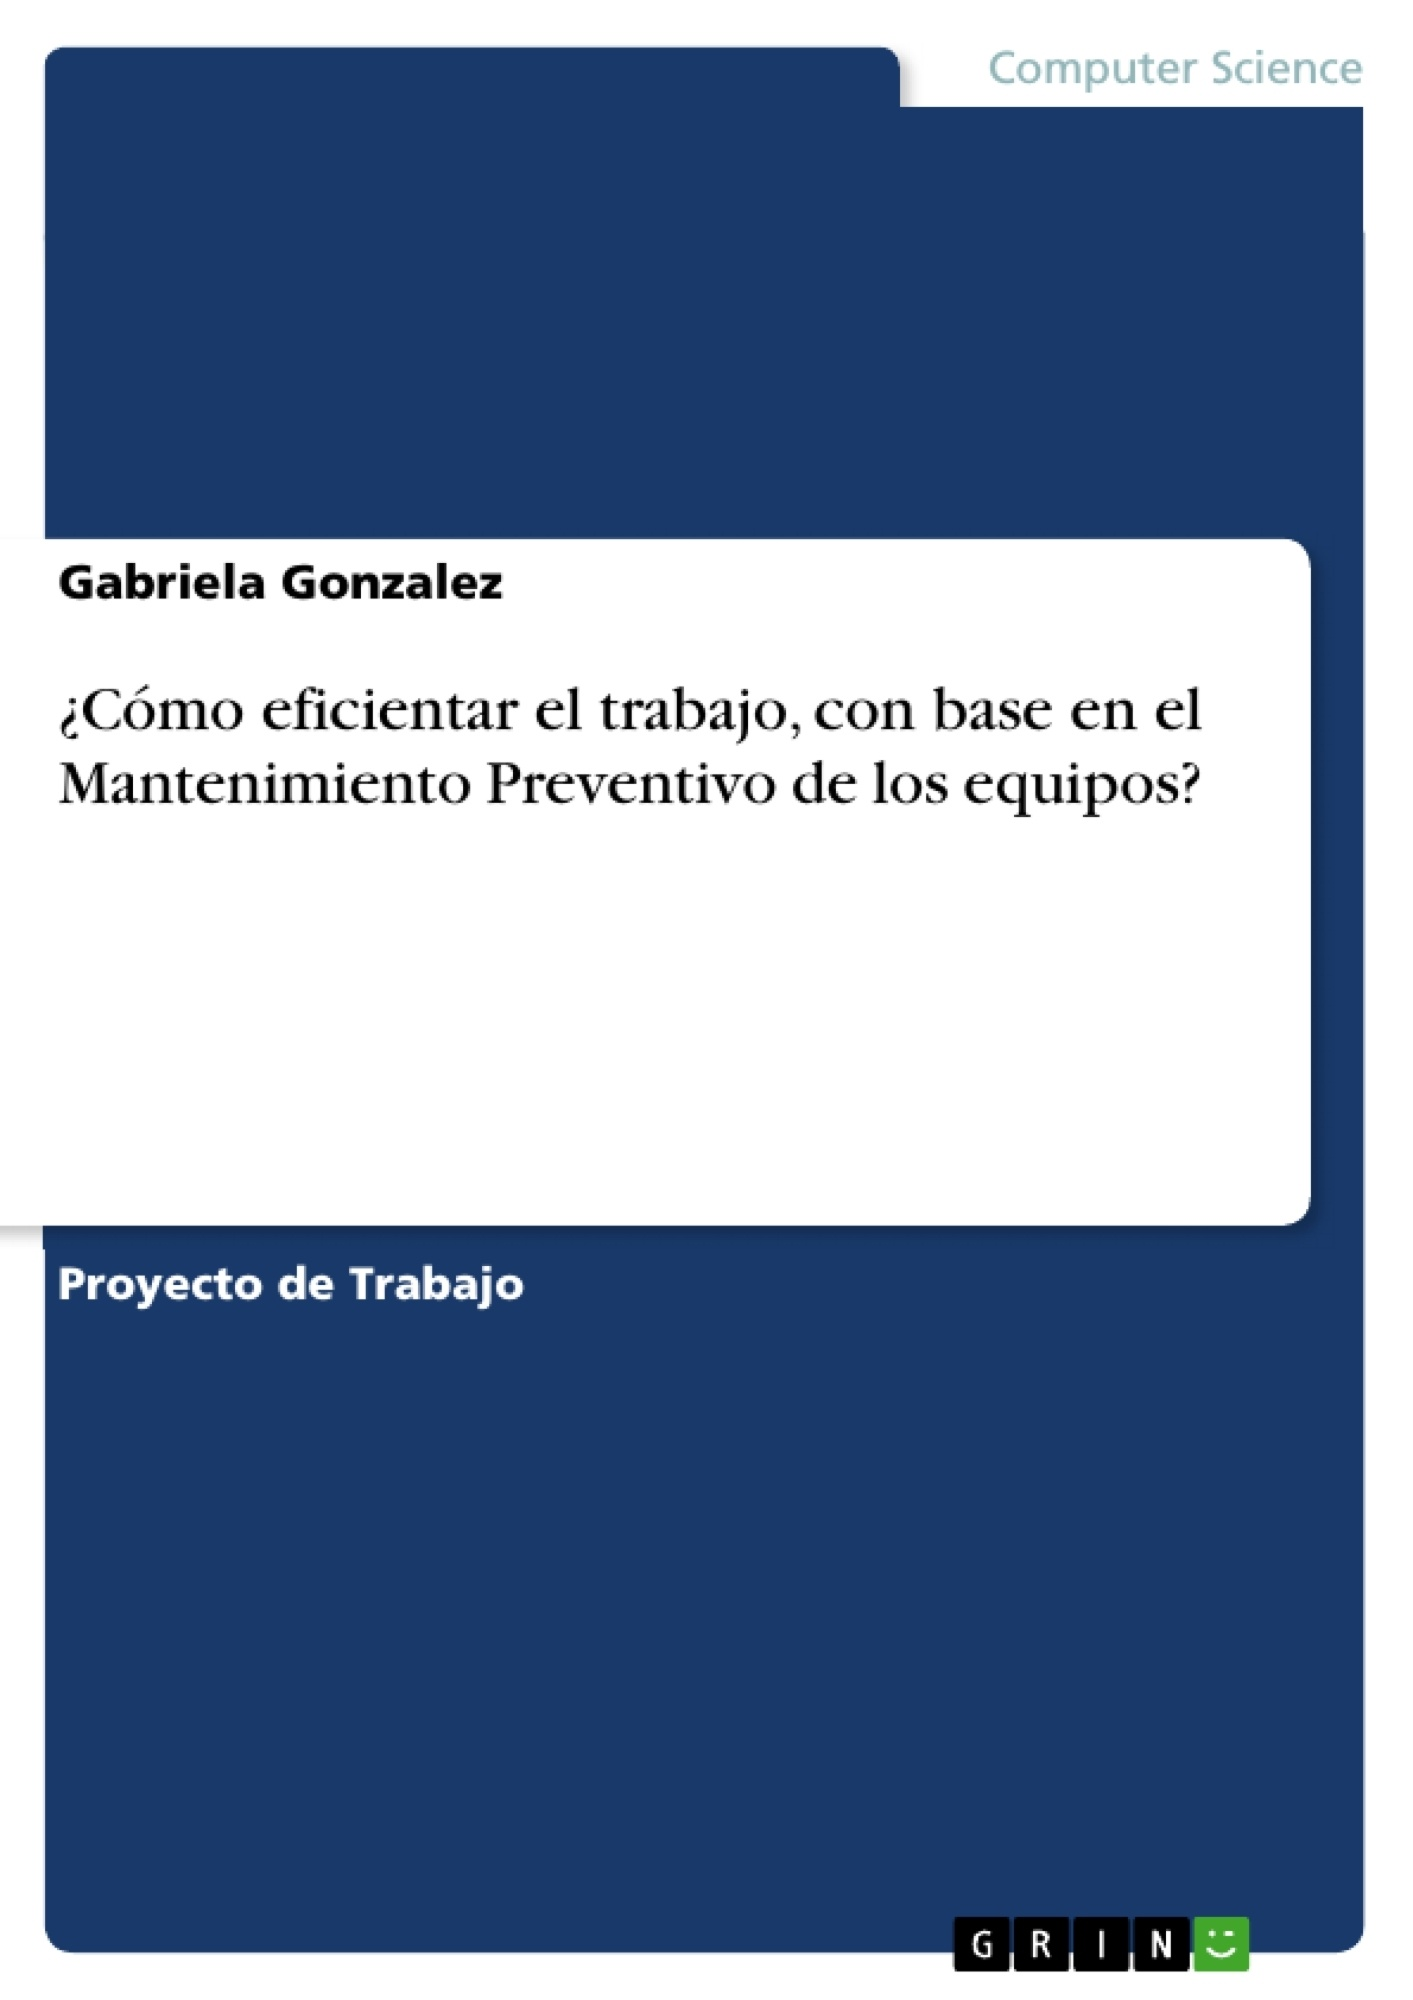 Título: ¿Cómo eficientar el trabajo, con base en el Mantenimiento Preventivo de los equipos?